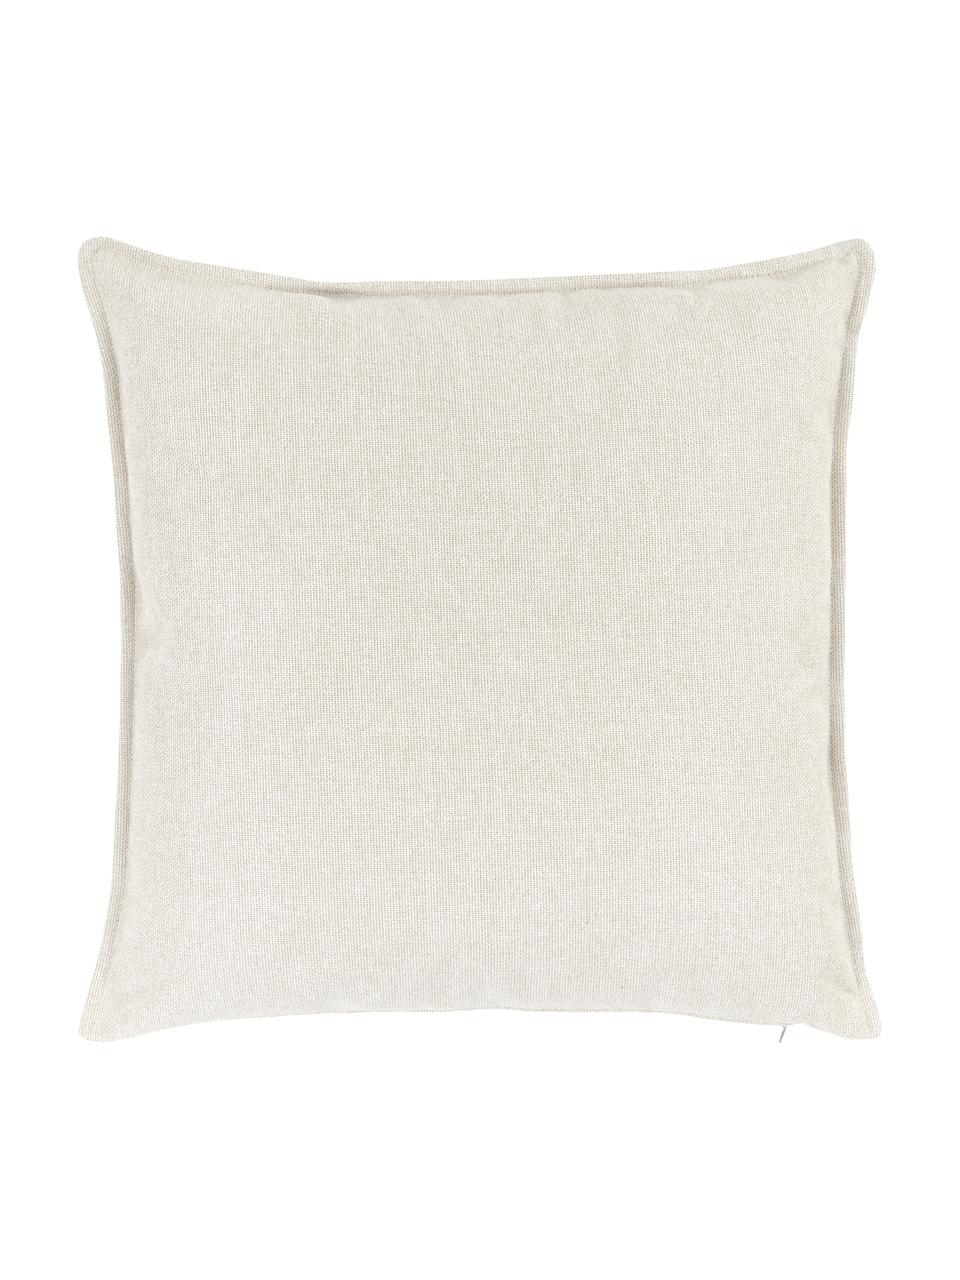 Bankkussen Lennon in beige, Beige, 60 x 60 cm